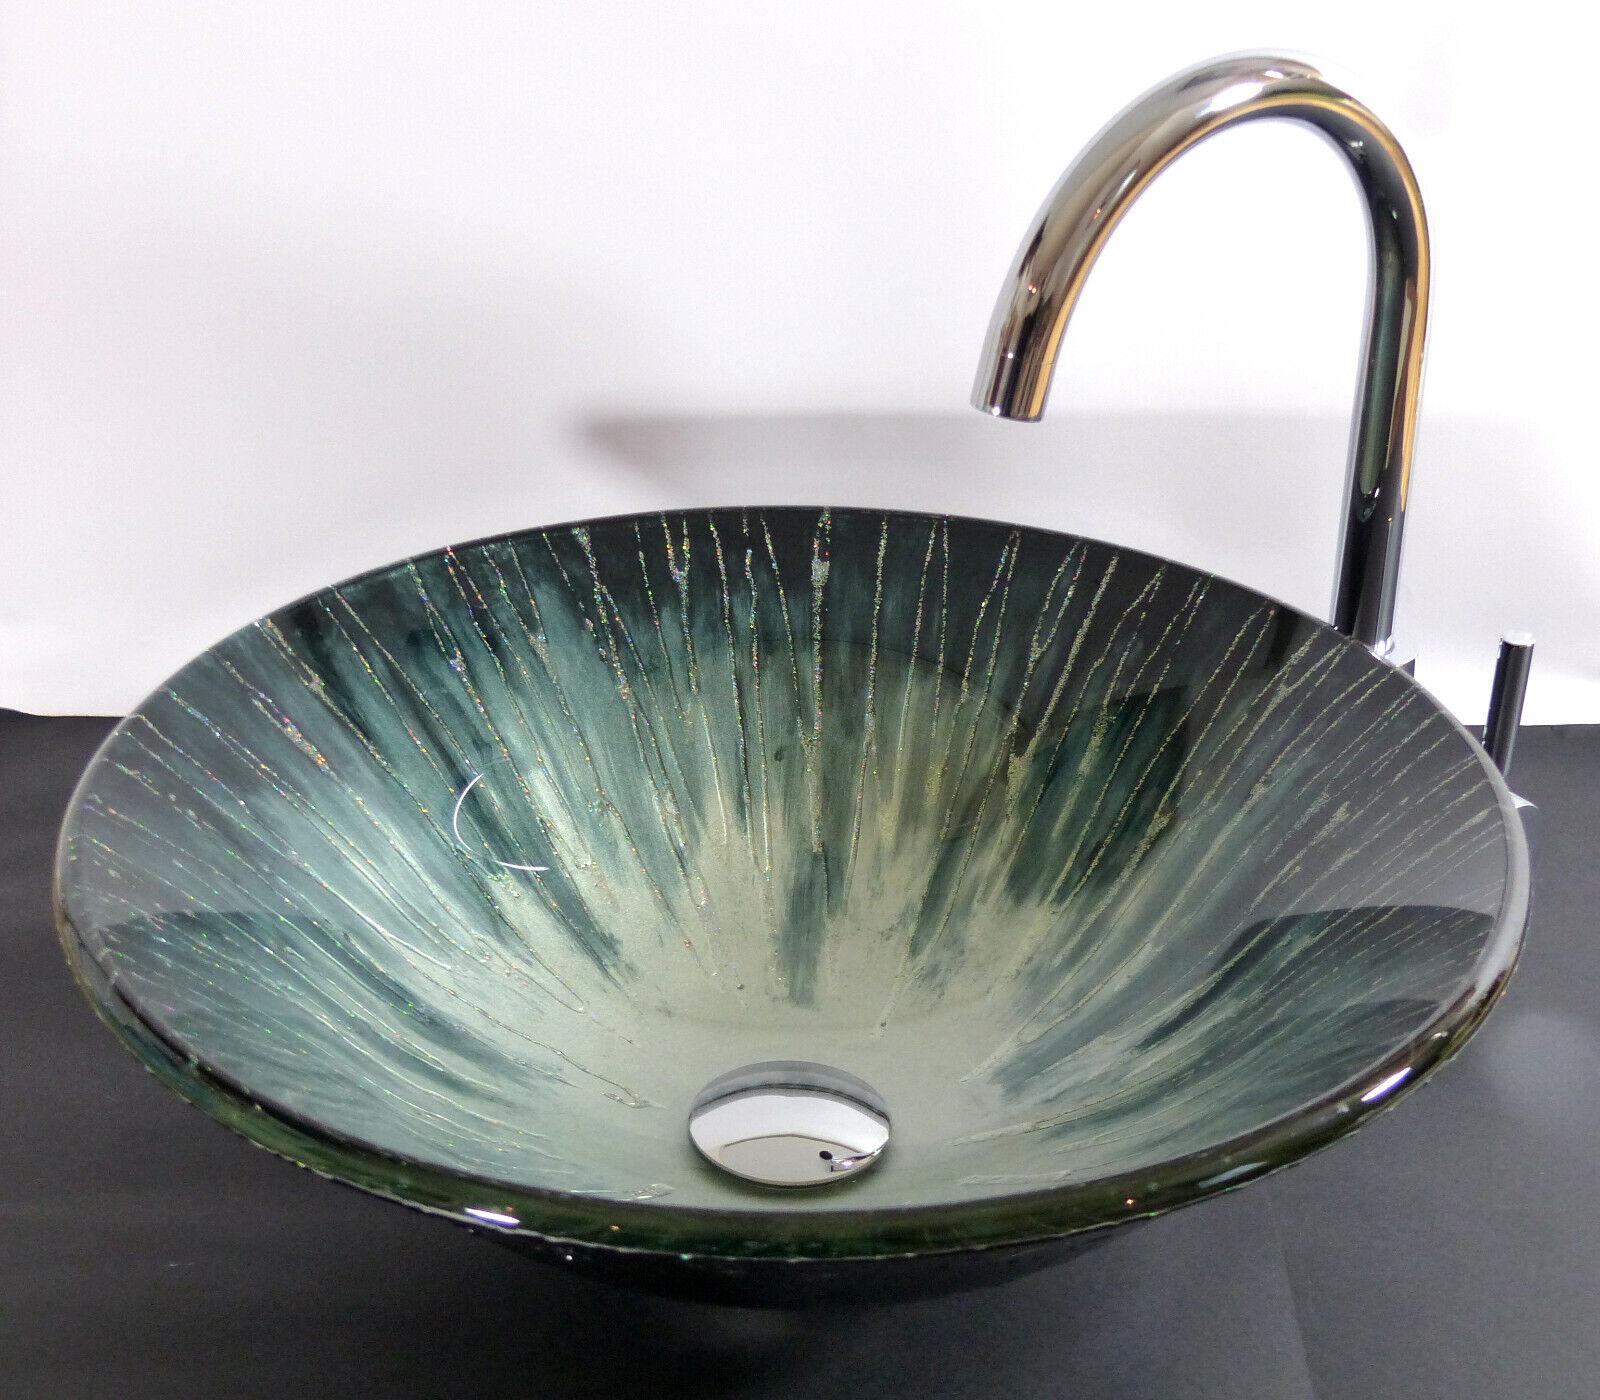 Aufsatz Glas Waschbecken Design  Aqua rund Waschschale Waschtisch Bad WC NEUHEIT